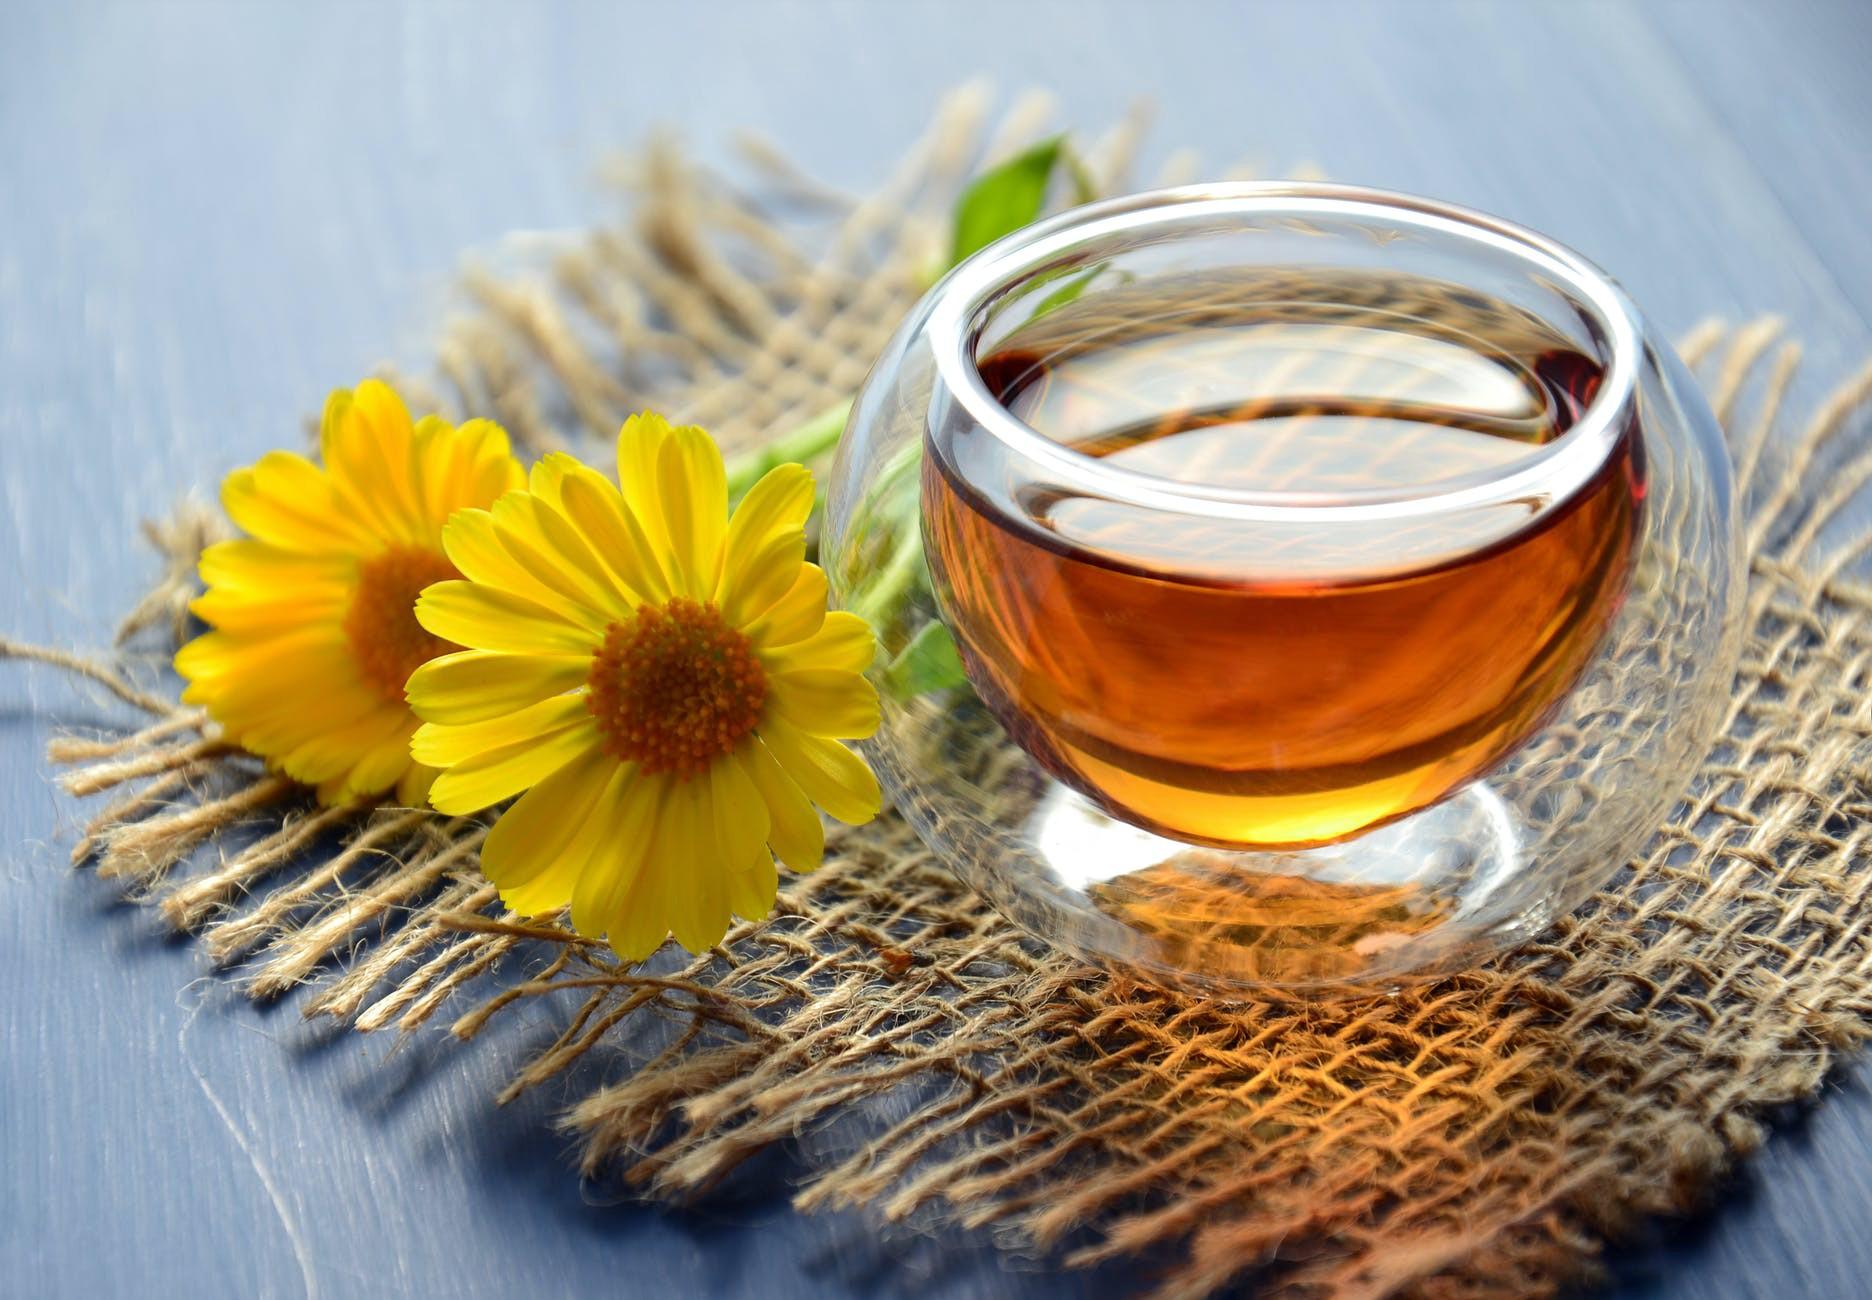 فوائد عسل السدر للريجيم والمناعة